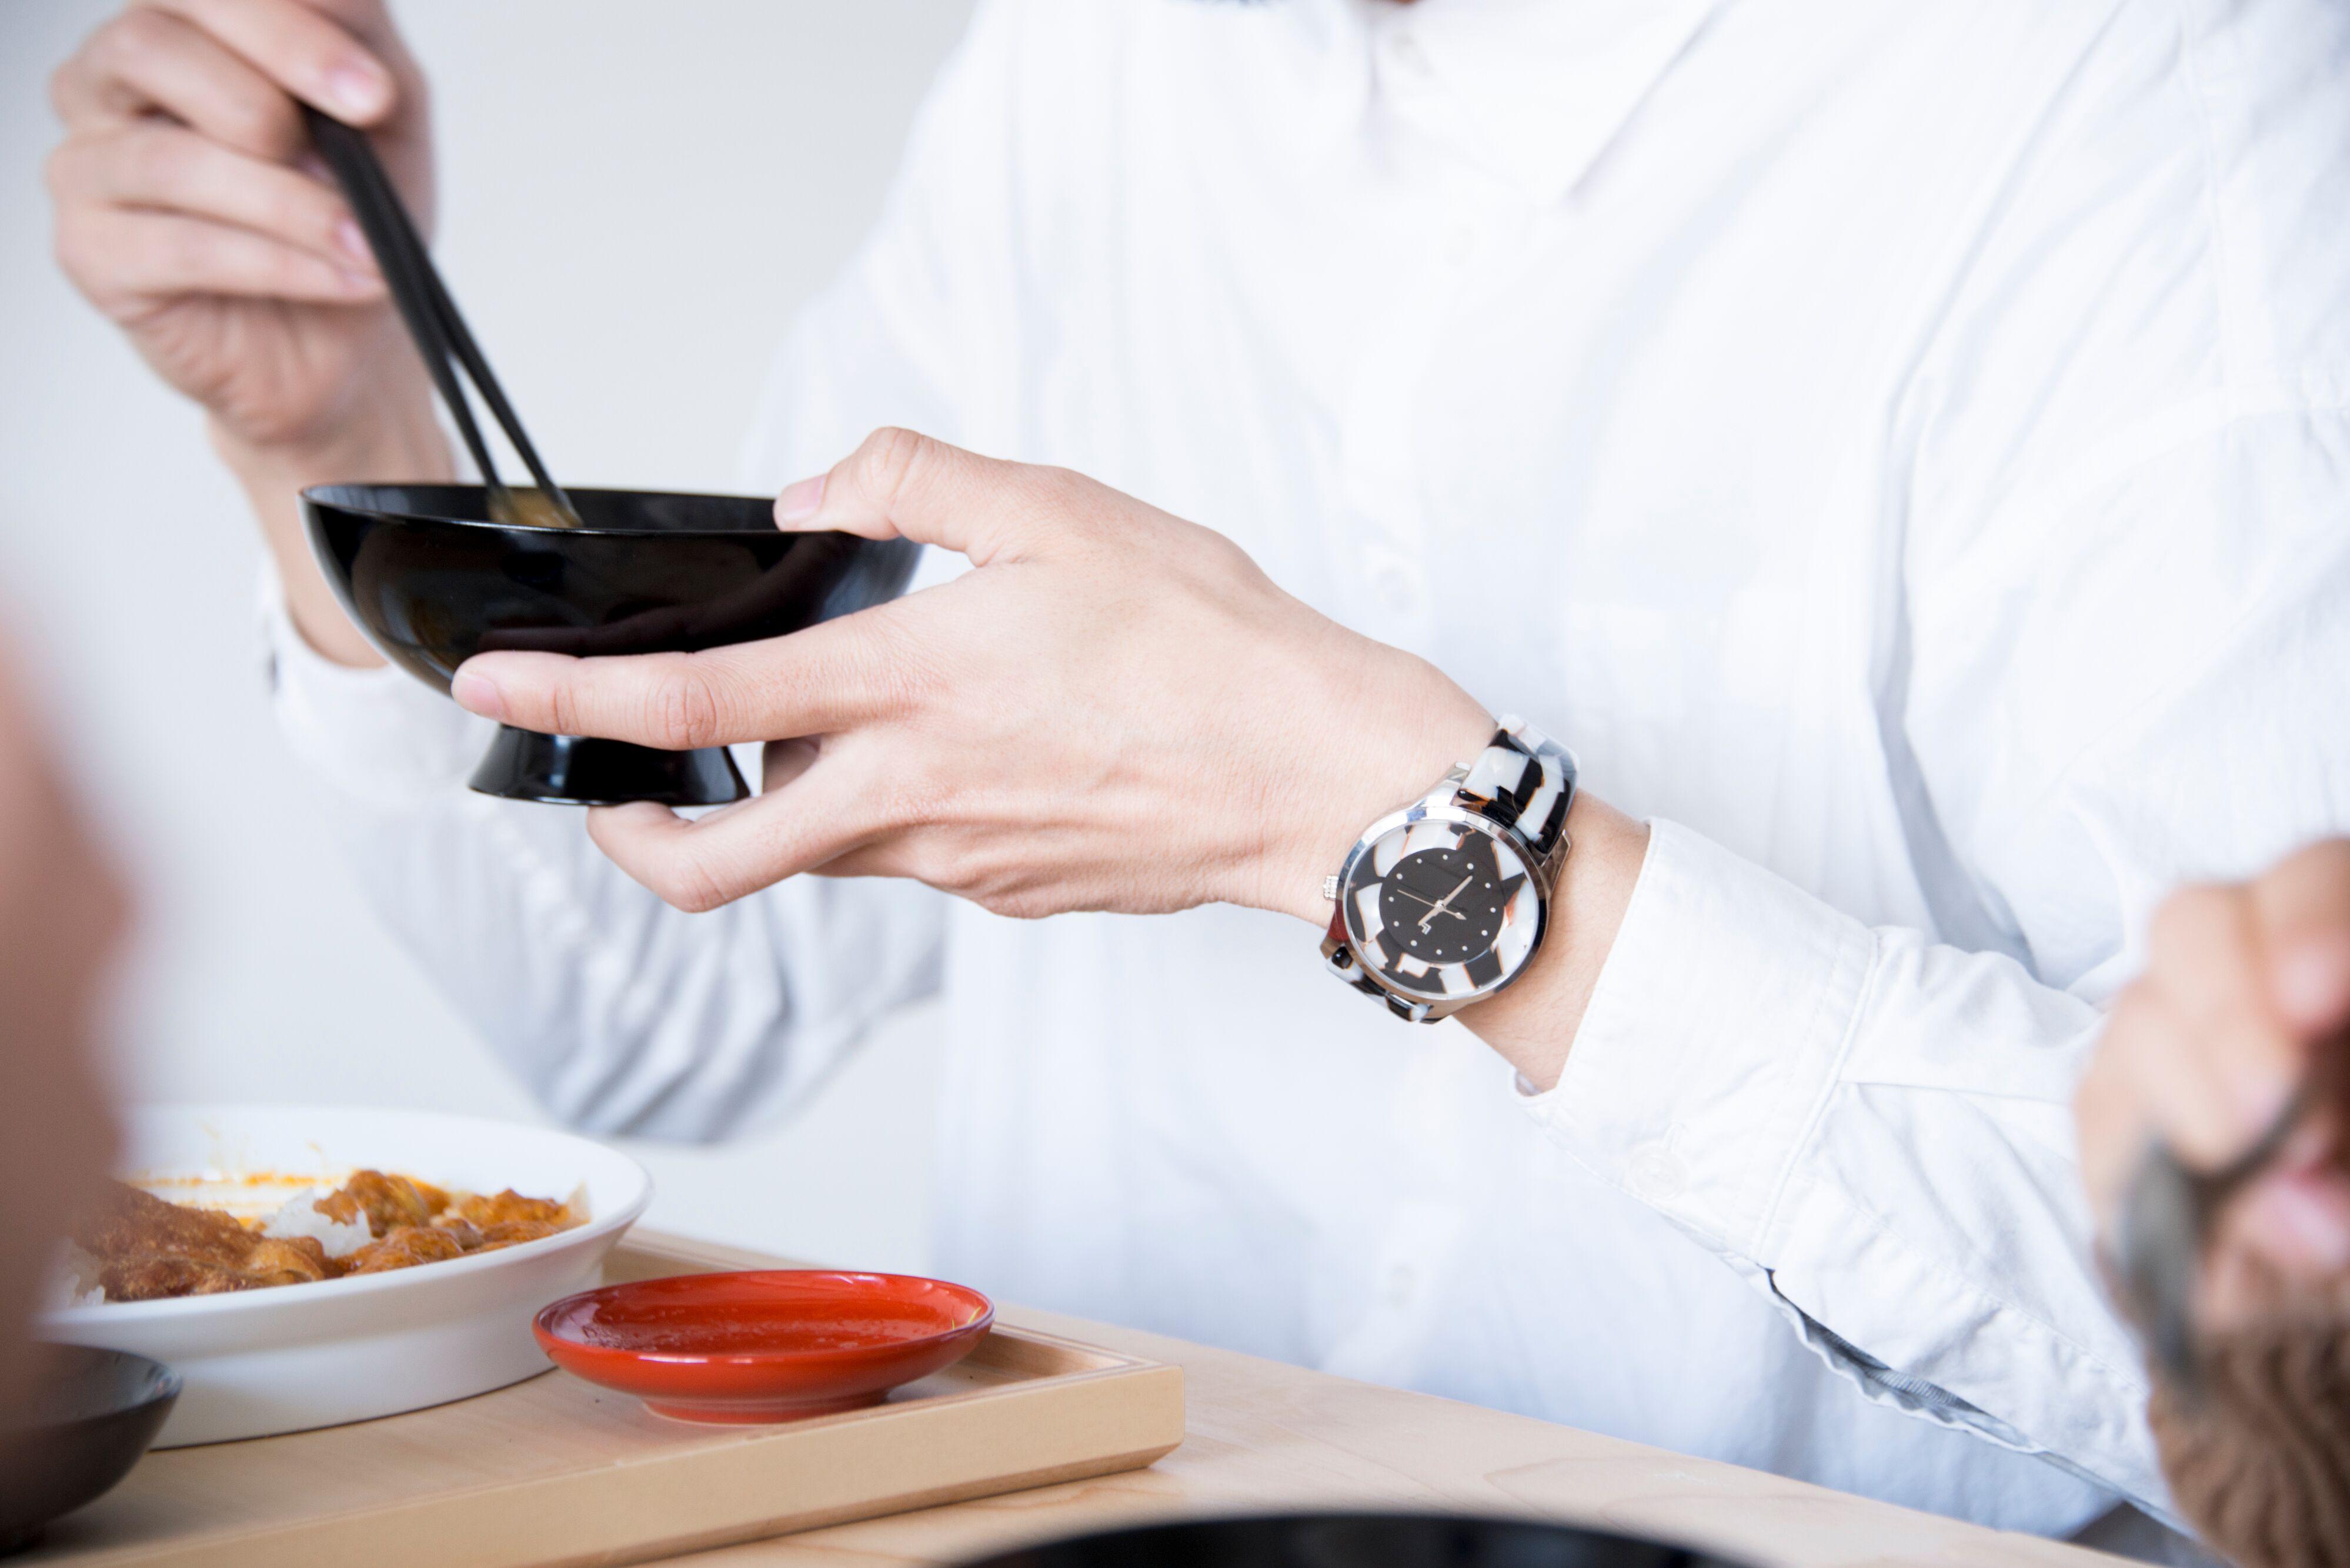 IGATTA COLLETTI バングルウォッチ メンズ 日本製クォーツ [ホワイトモザイク] 鯖江製 腕時計 高級眼鏡素材 漆塗り IM-001